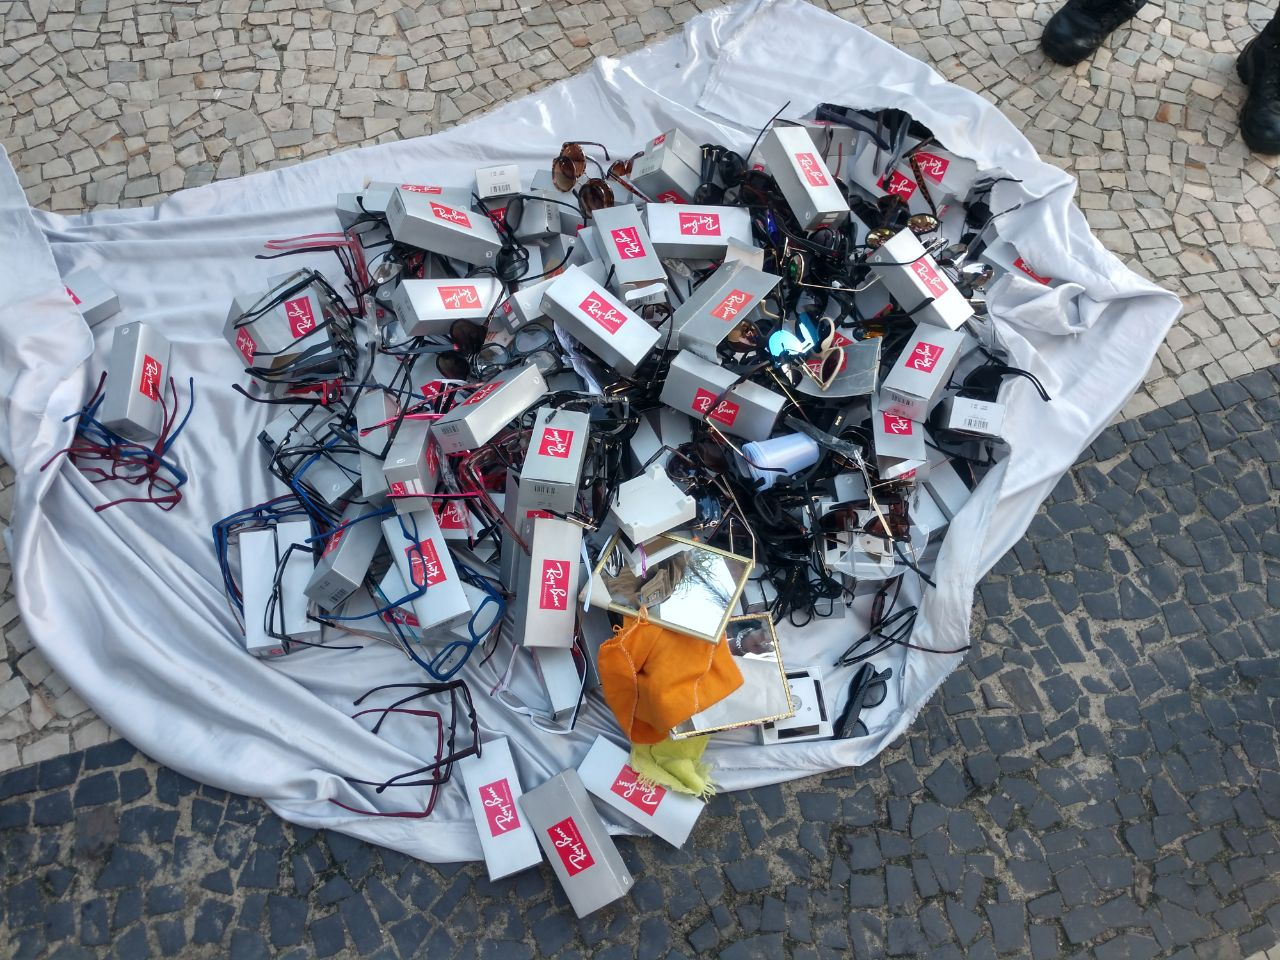 Rio + Seguro: Guardas municipais apreendem mais de 200 óculos com ambulante irregular em Copacabana